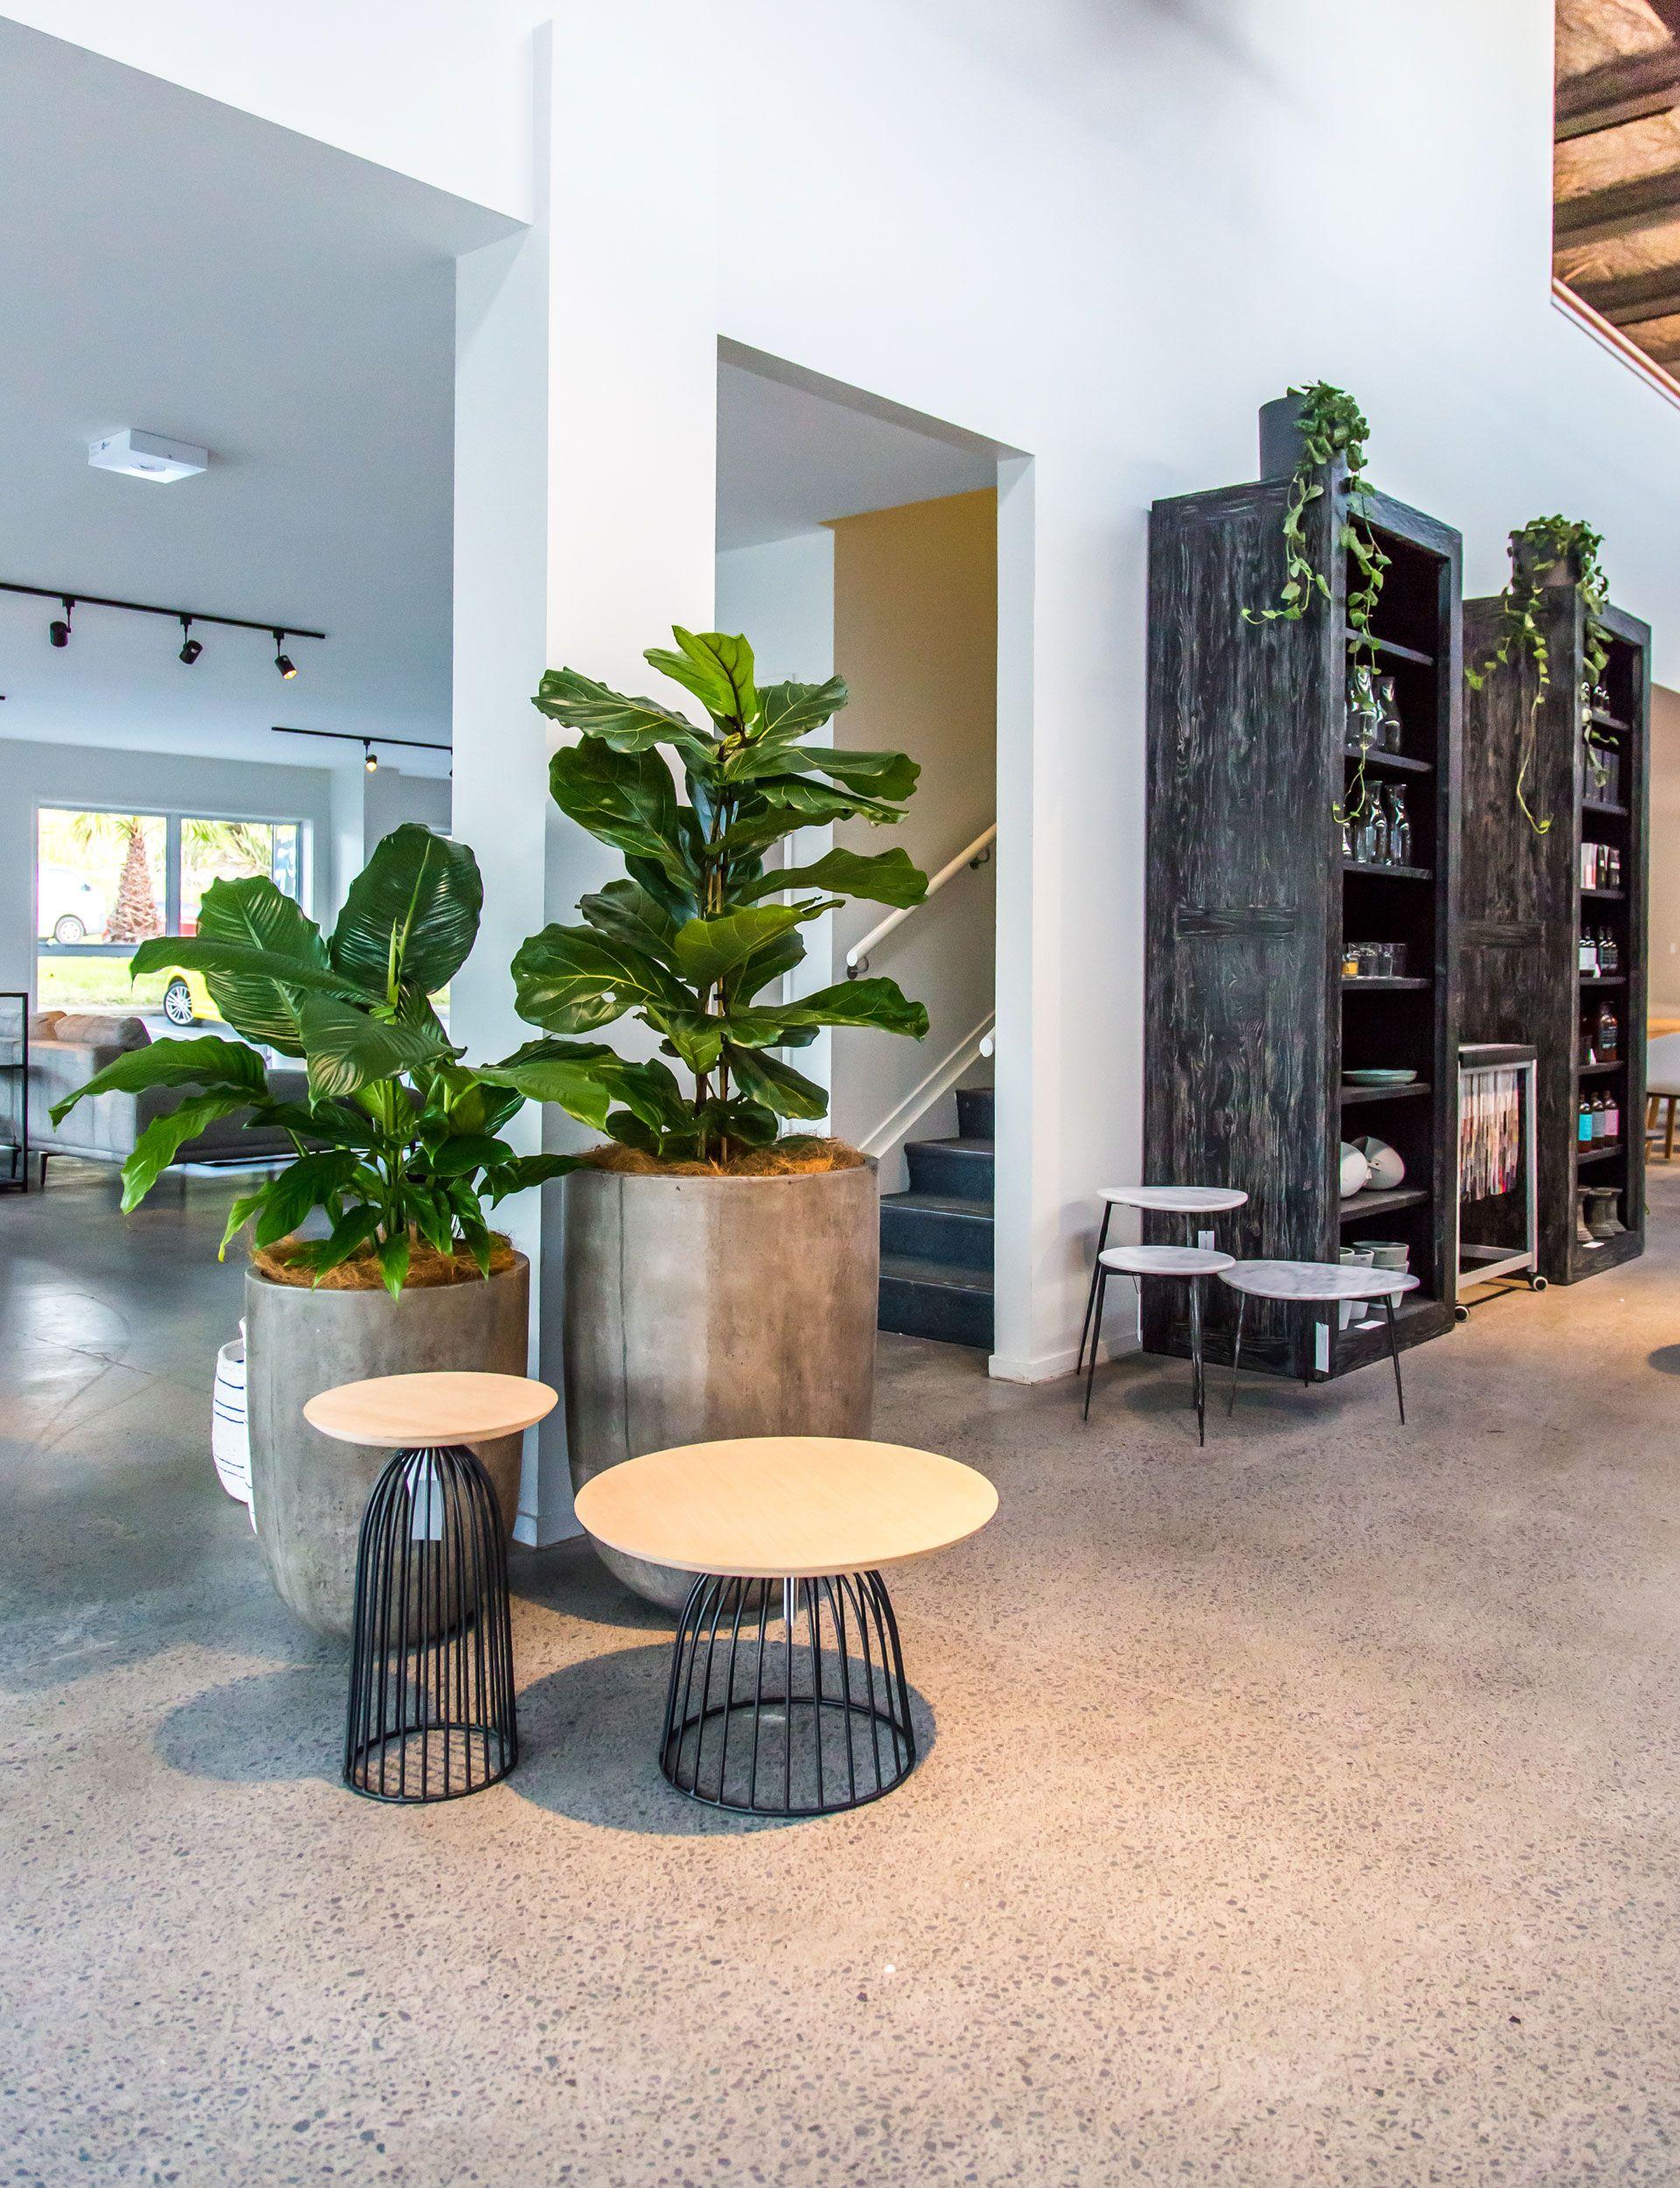 Sorgfältig Ausgewählt Und Positioniert Indoor Pflanzen Lässt Sich Fabelhaft  Interesse Und Textur. Wir Runden